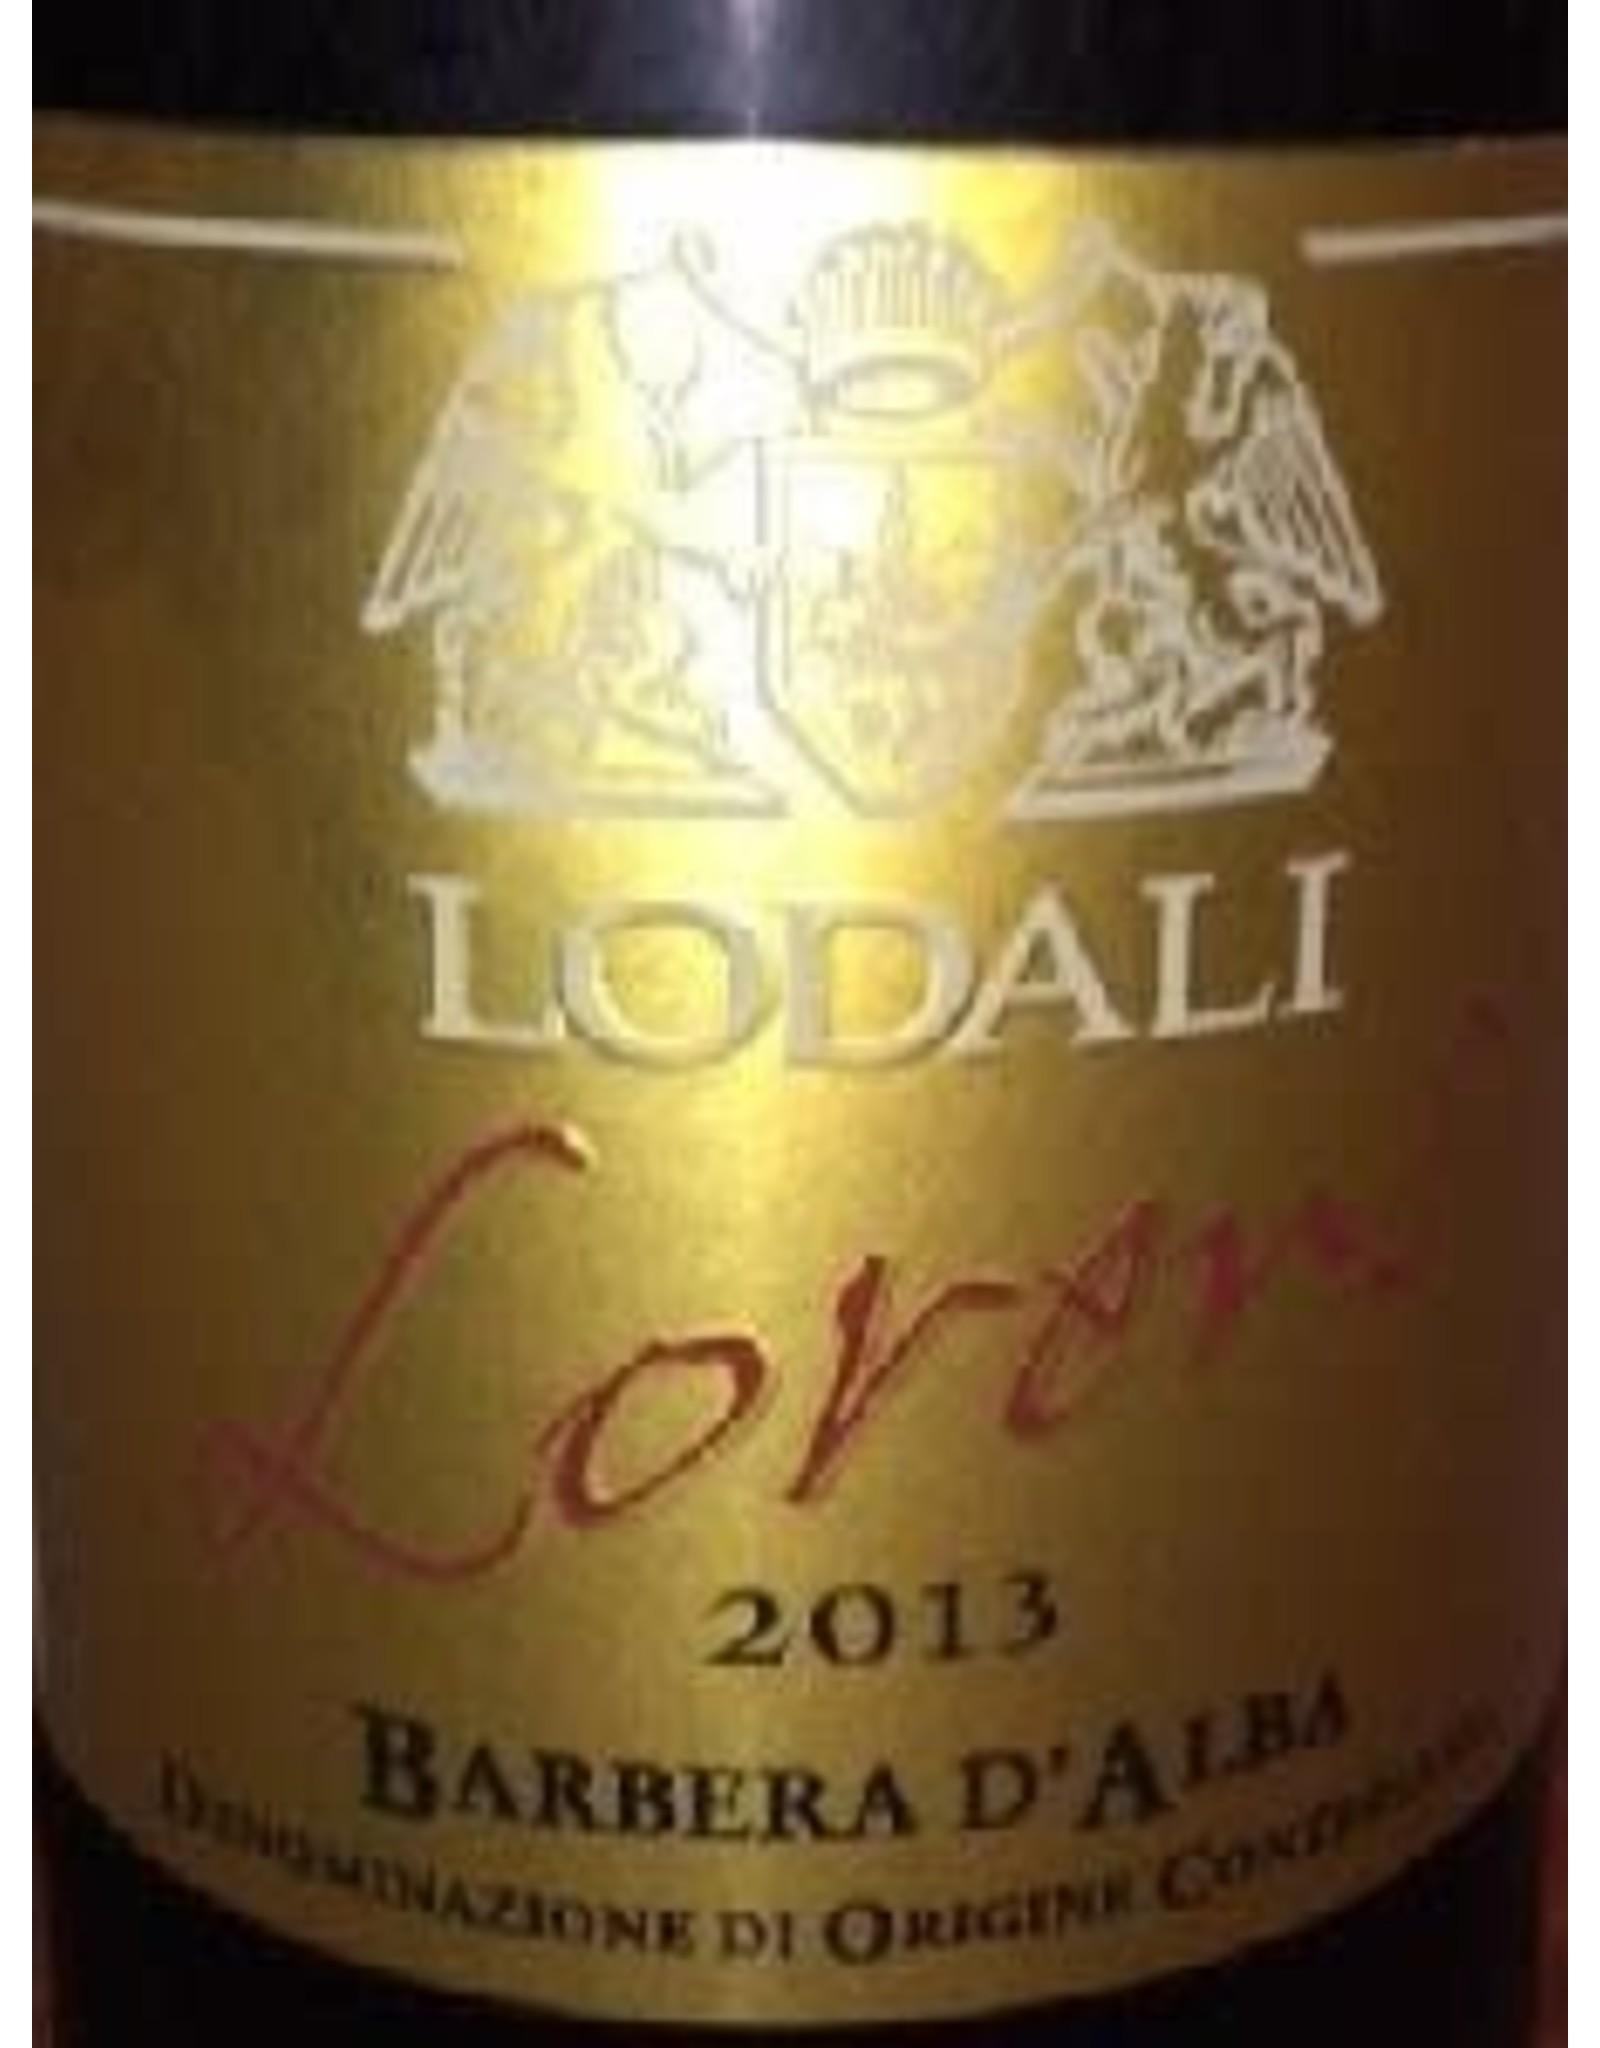 Lodali 'Lorens' Barbera d'Alba 2016 1.5L